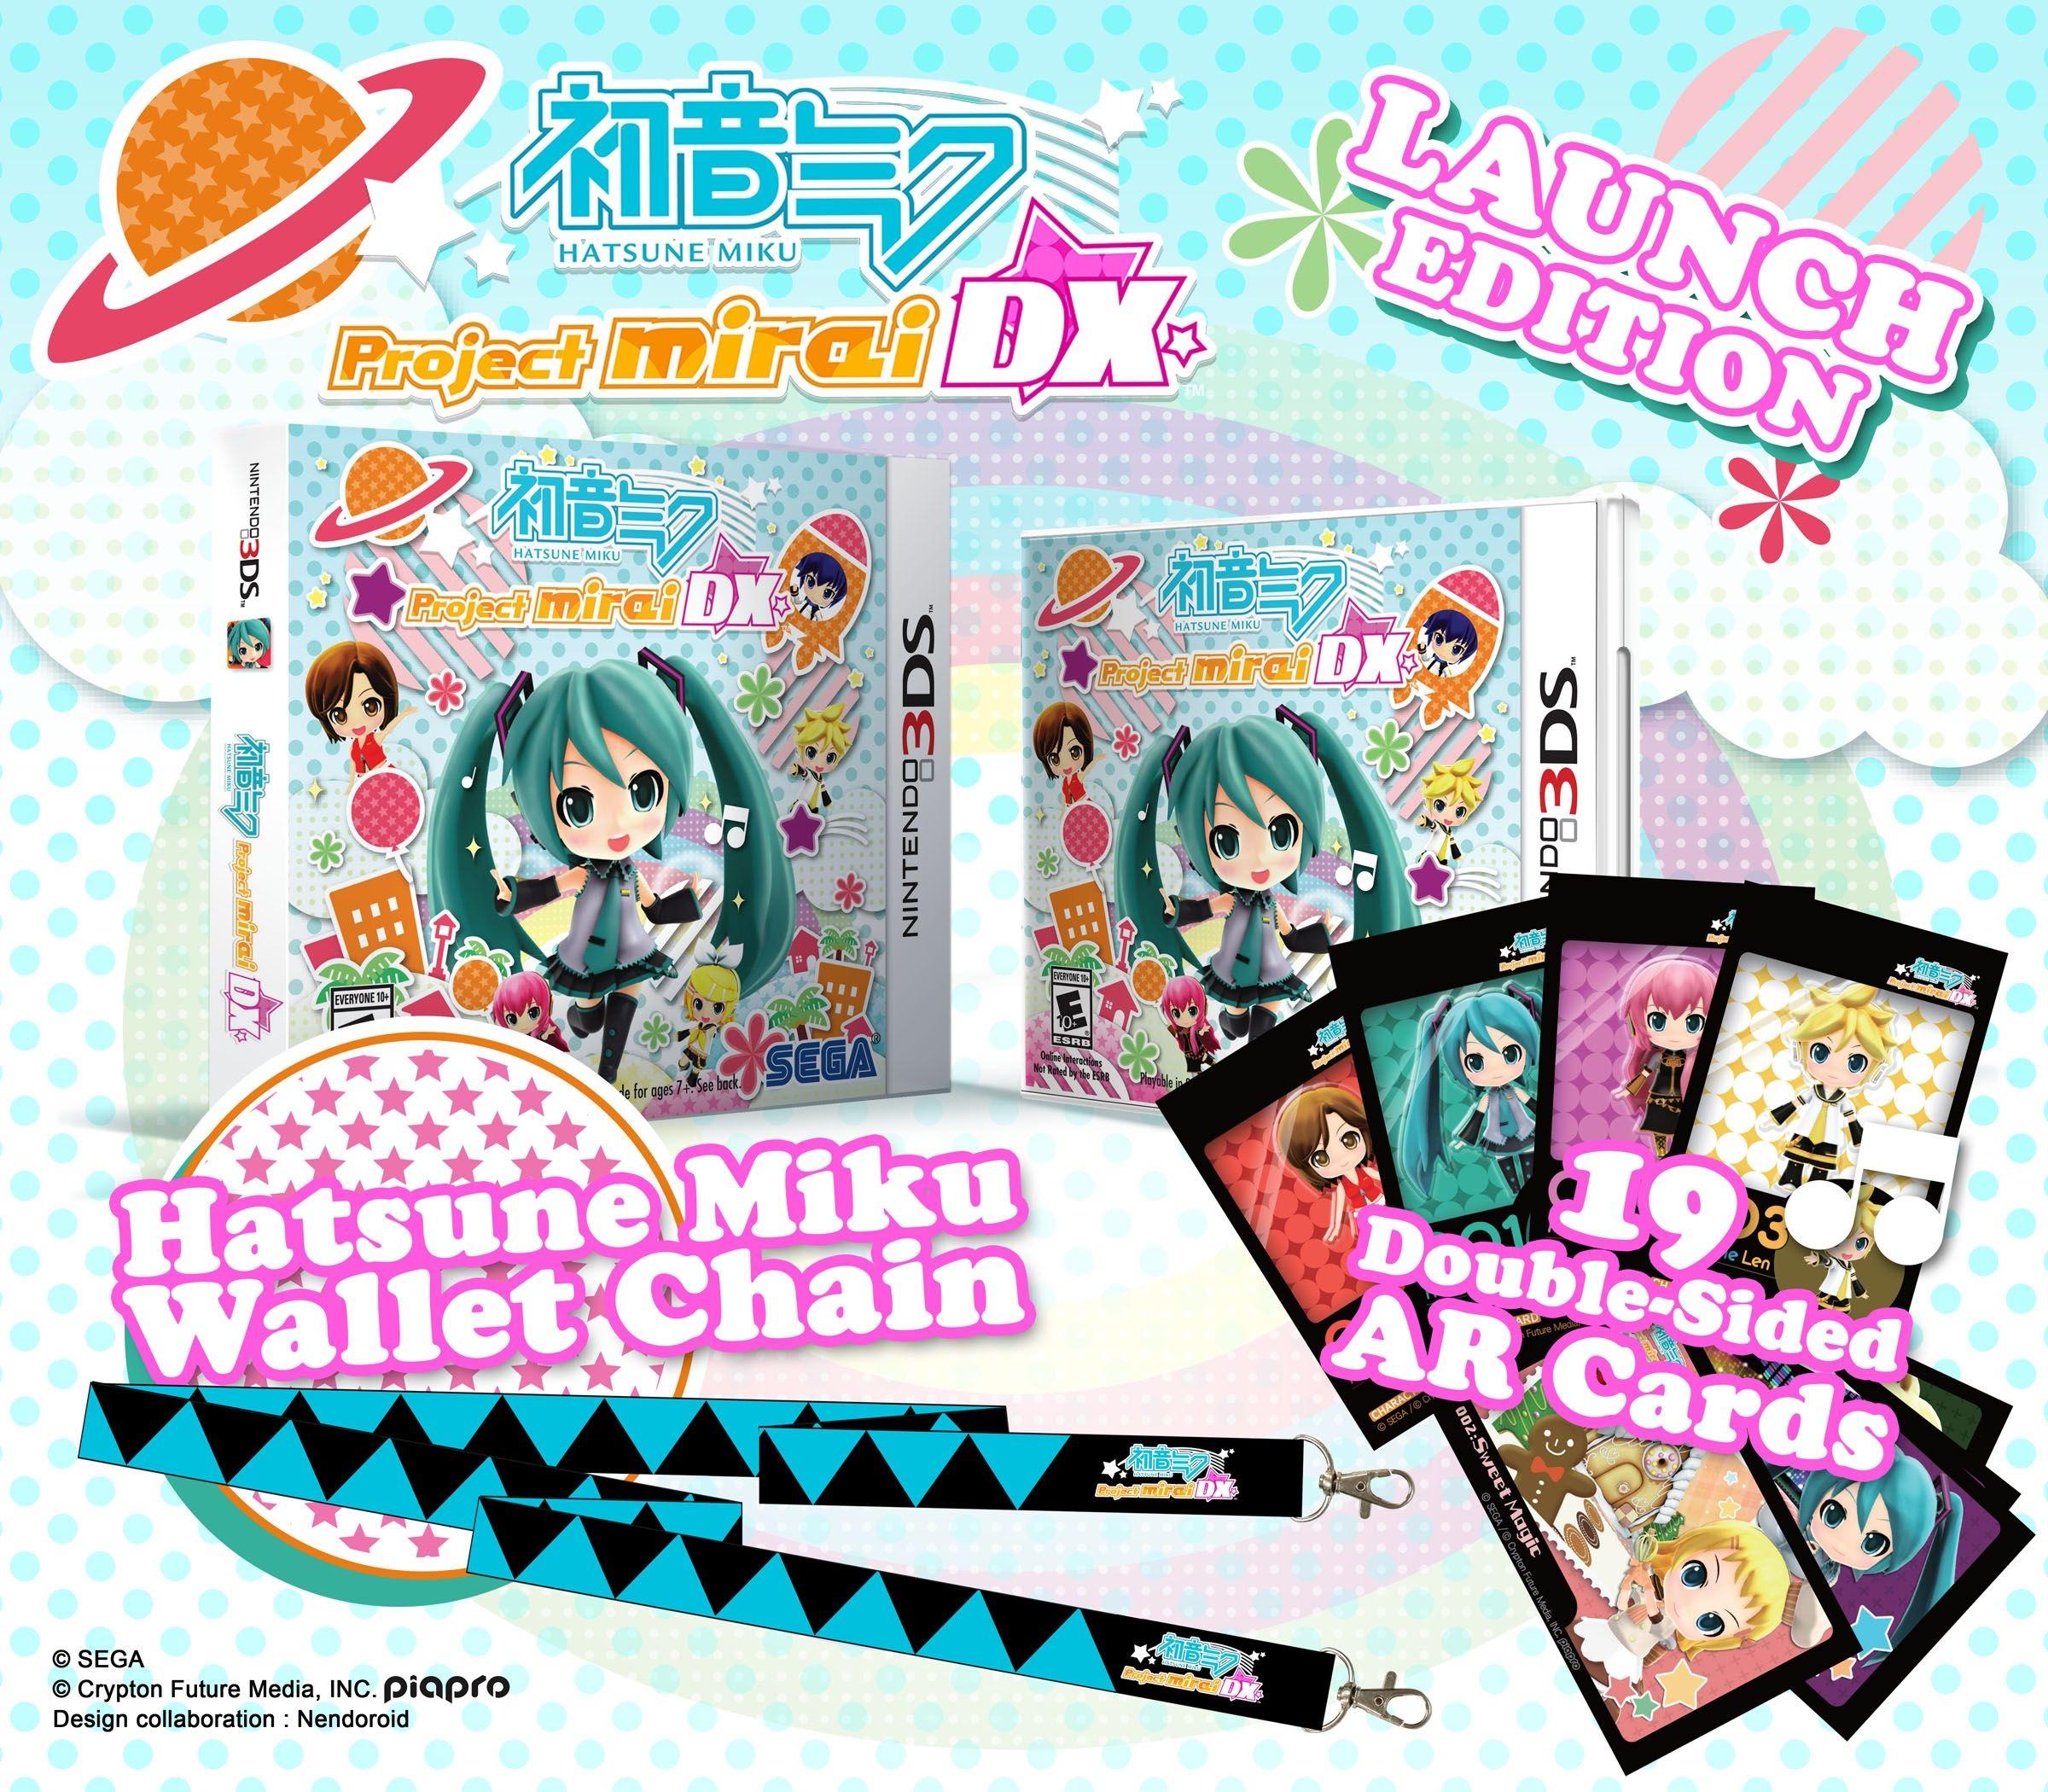 hatsune-miku-project-mirai-dx-launch-edition